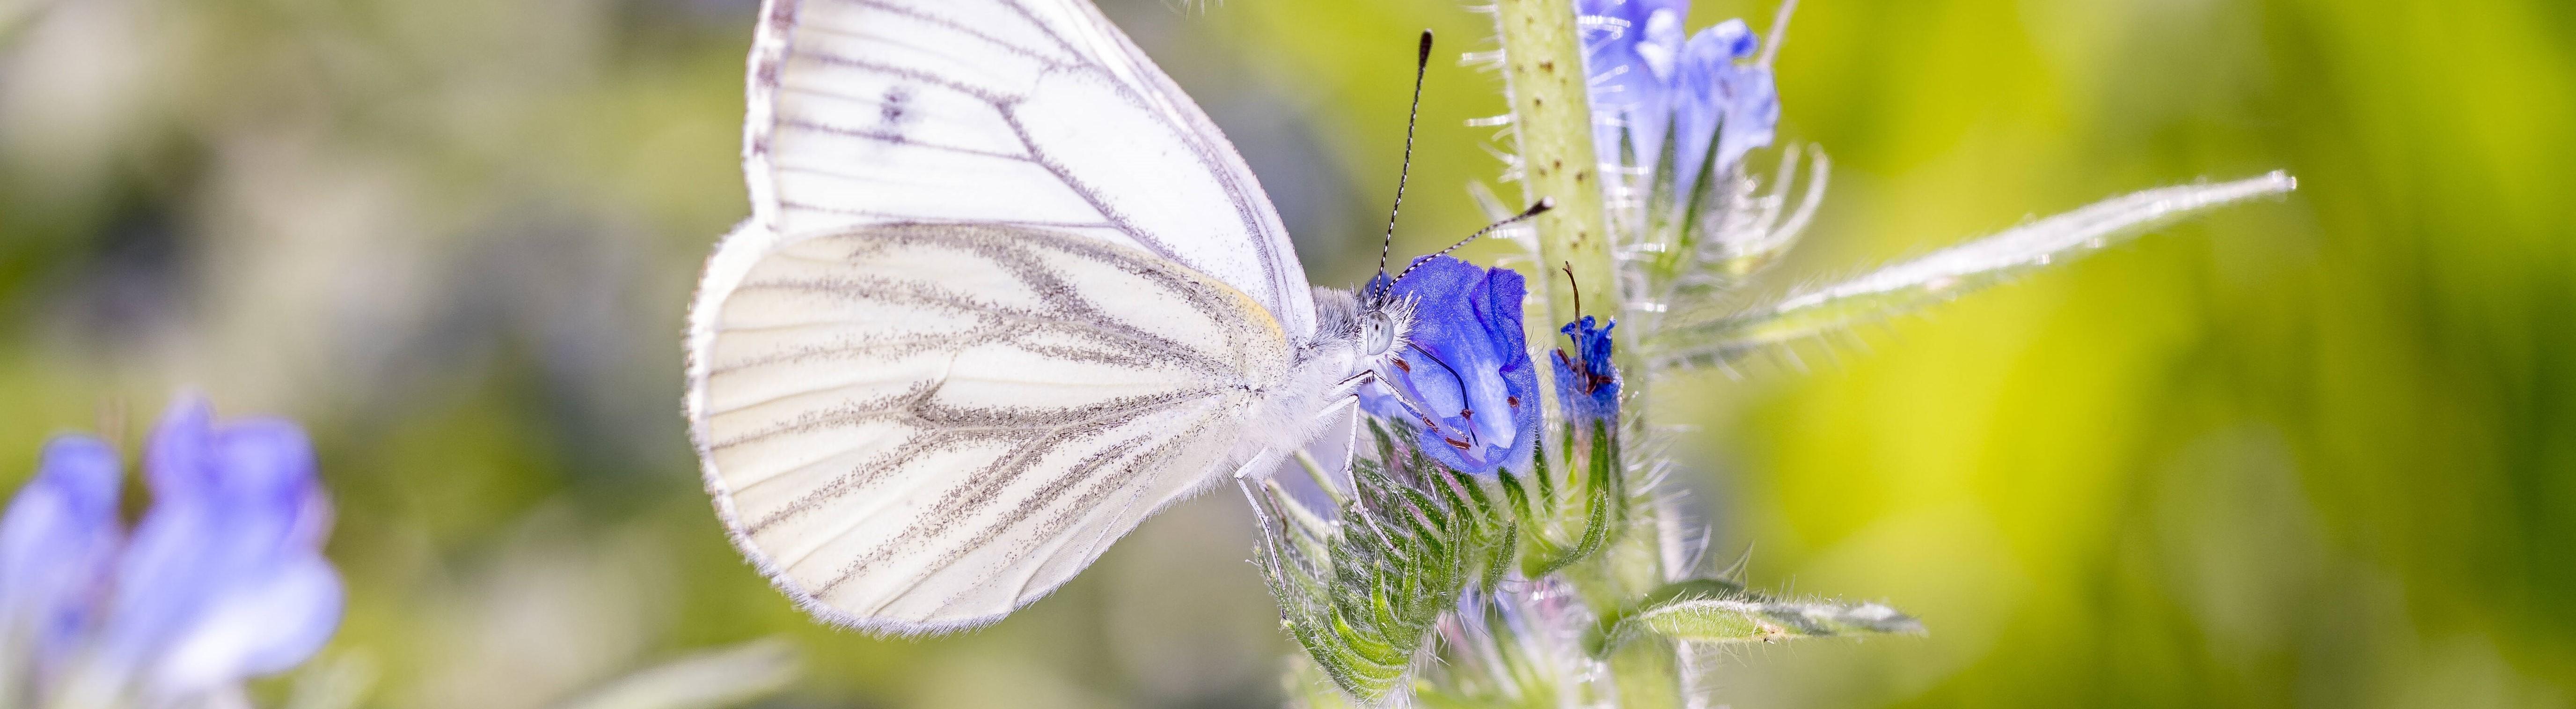 Rapsweißling - Pieris napi - auch Grünader-Weißling oder Hecken-Weißling genannt, auf der Blüte des Gewöhnlichen Natternkopf